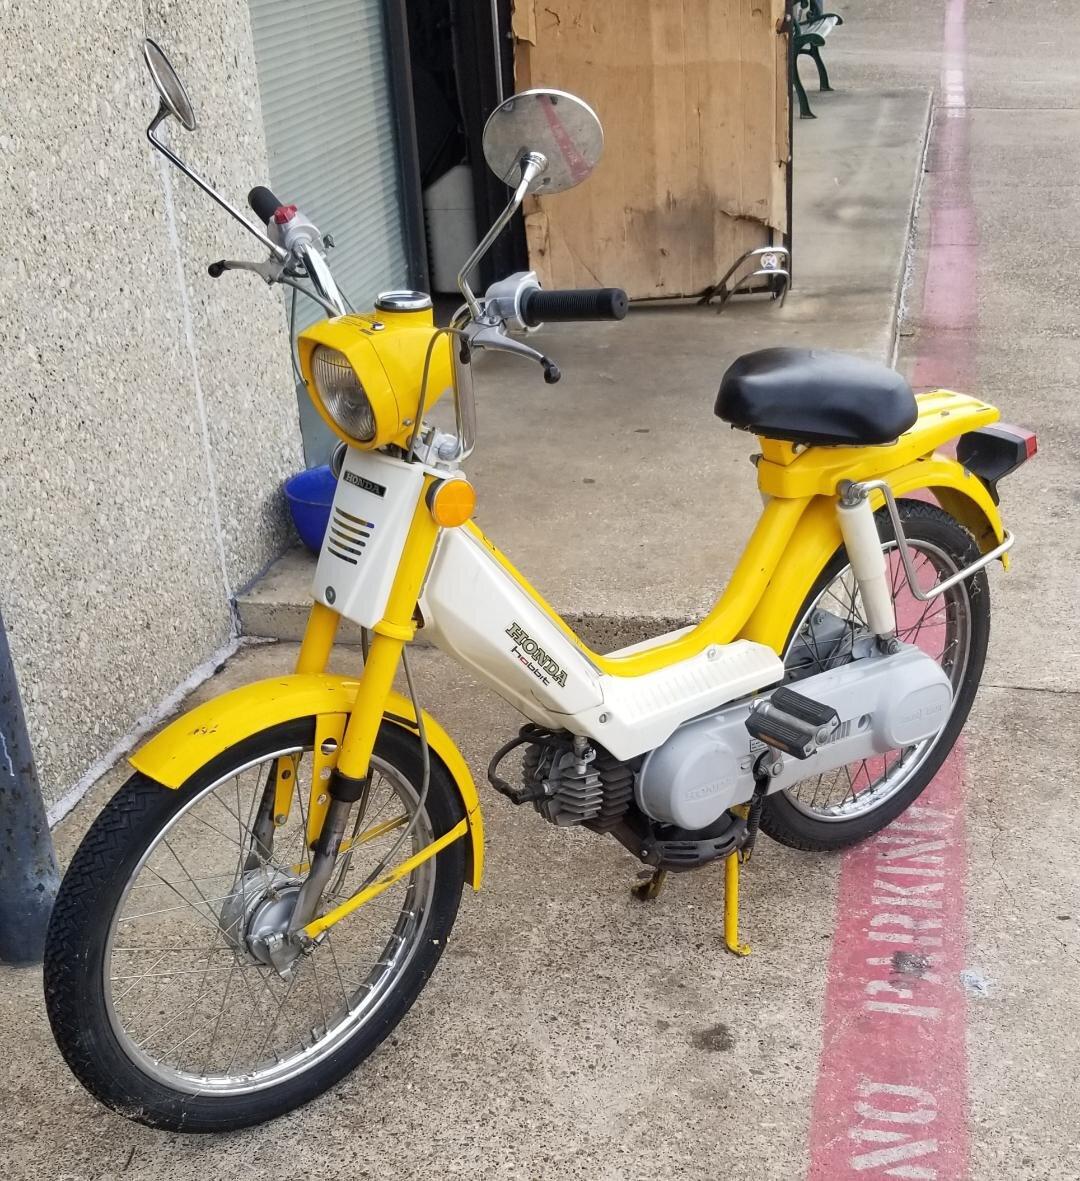 10-19-2019 honda hobbit yellow moped.jpg